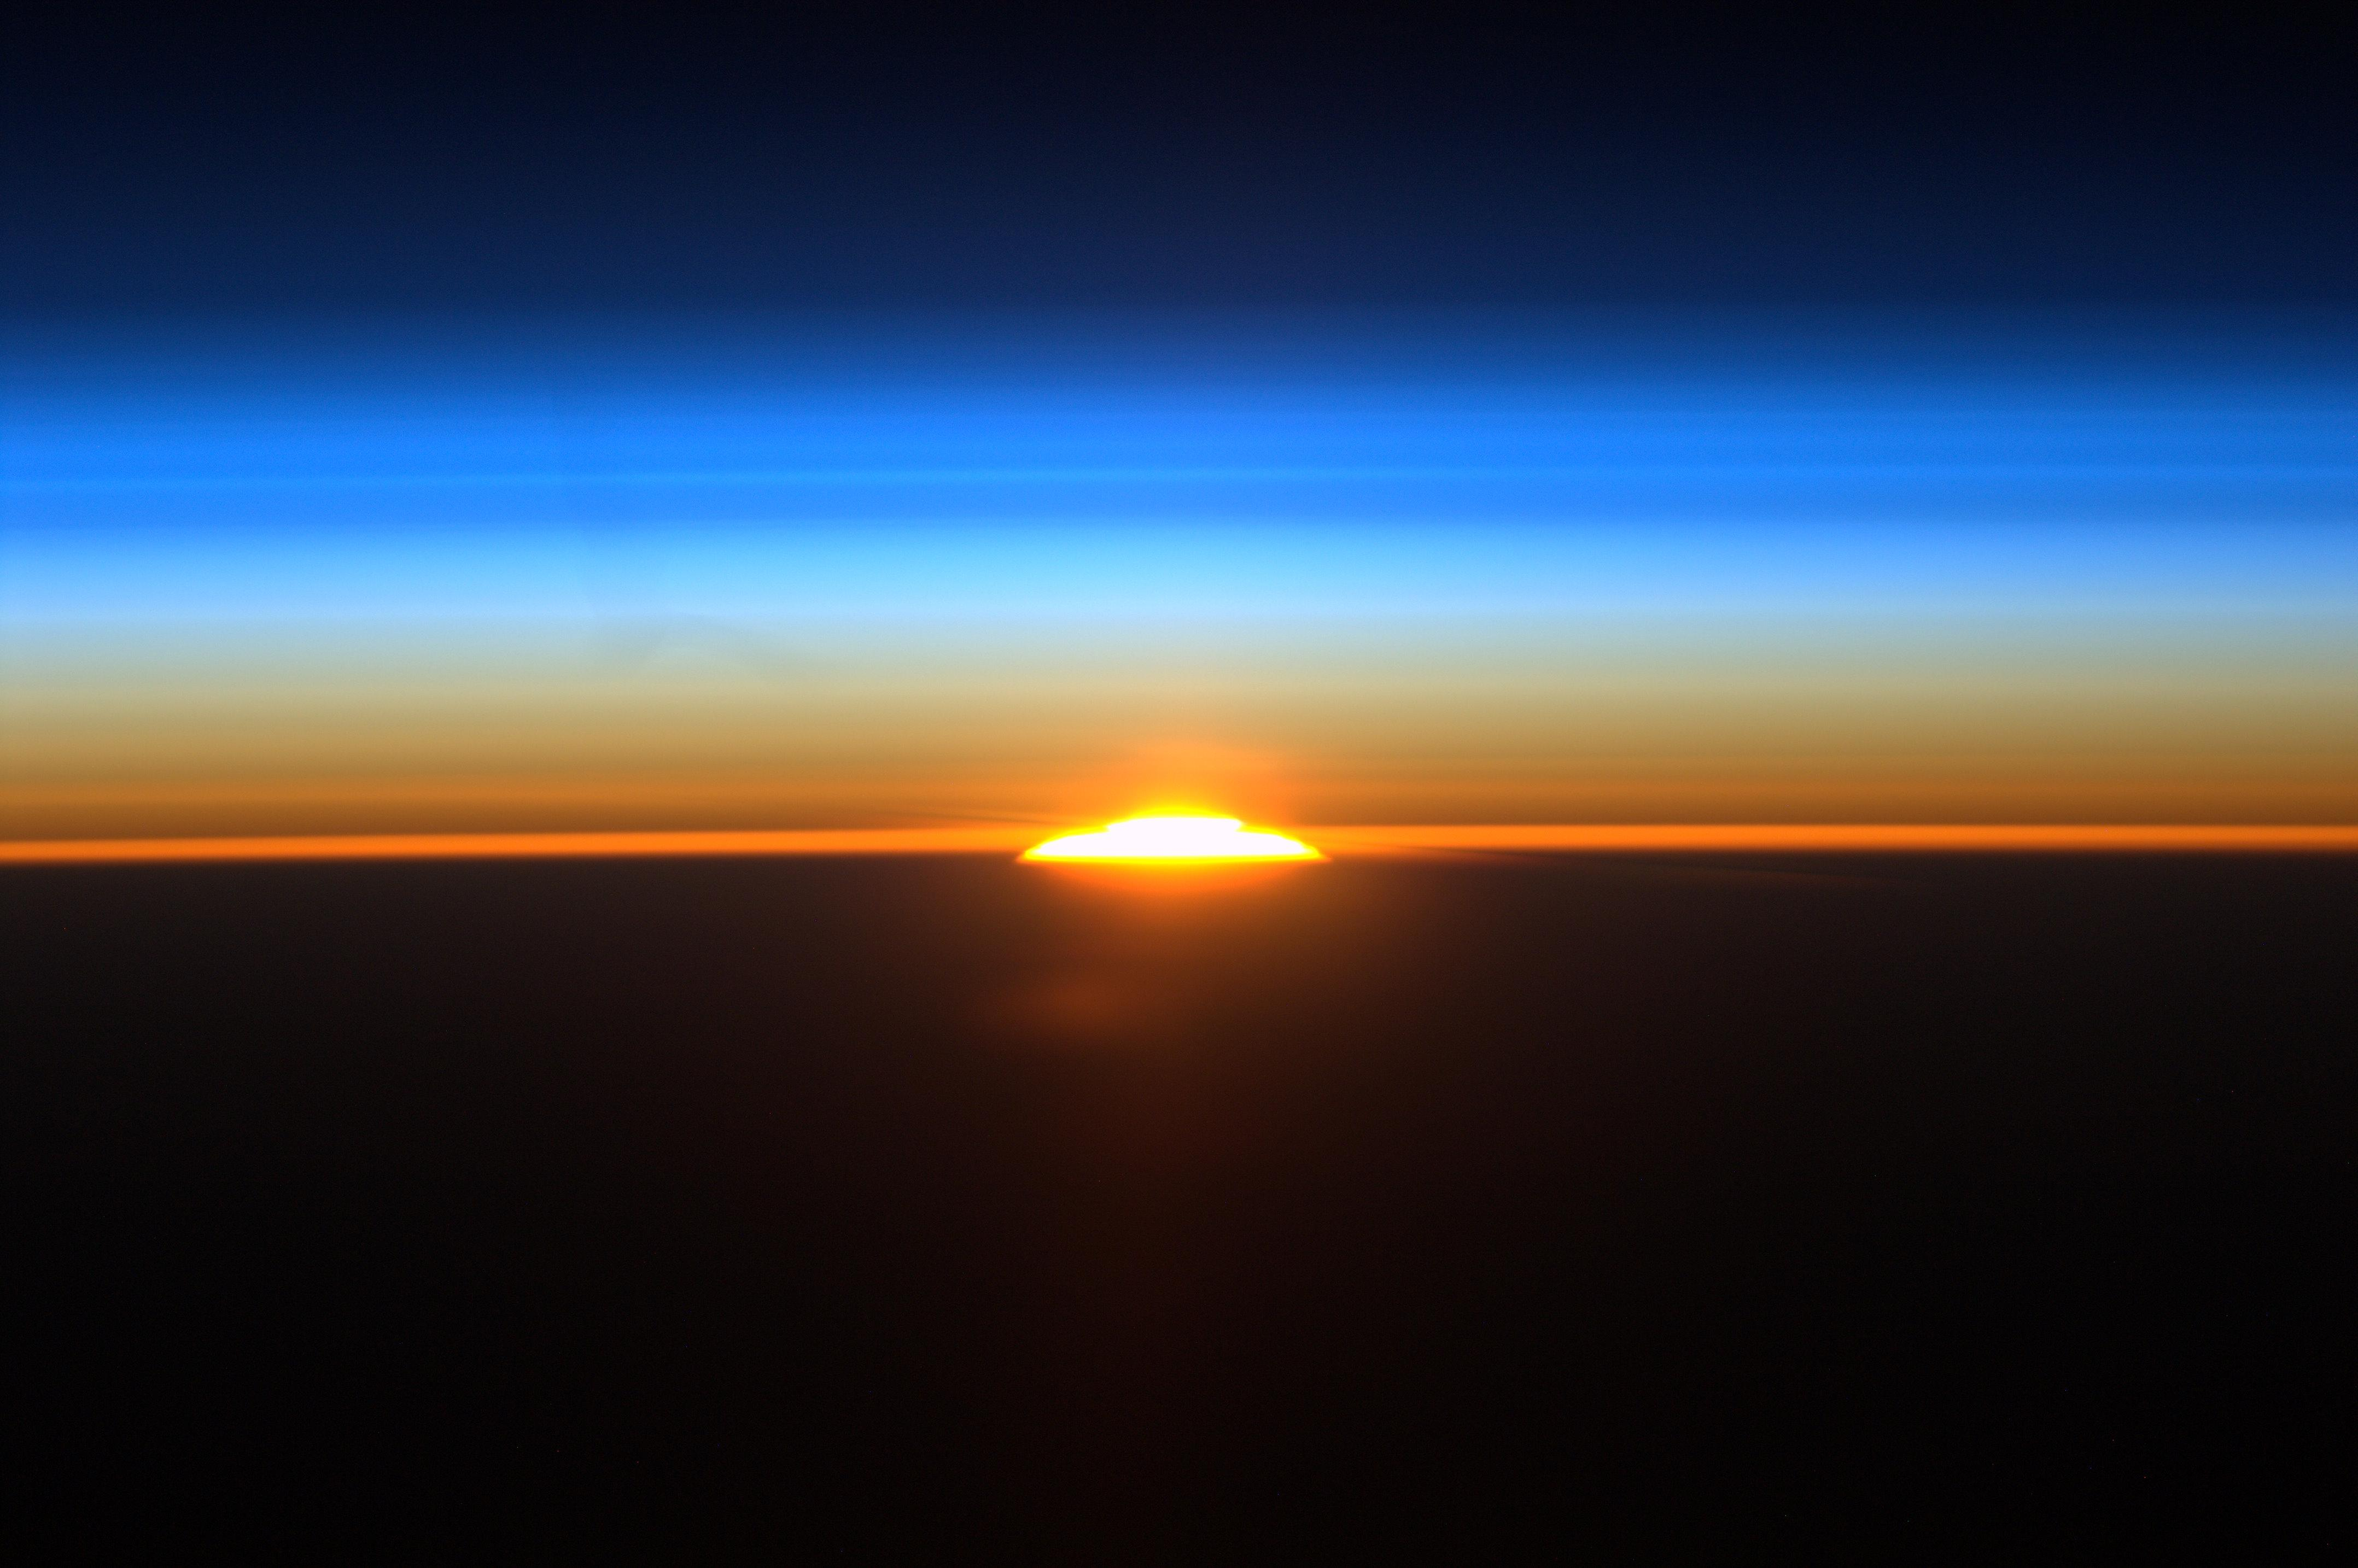 Sunrise | NASA